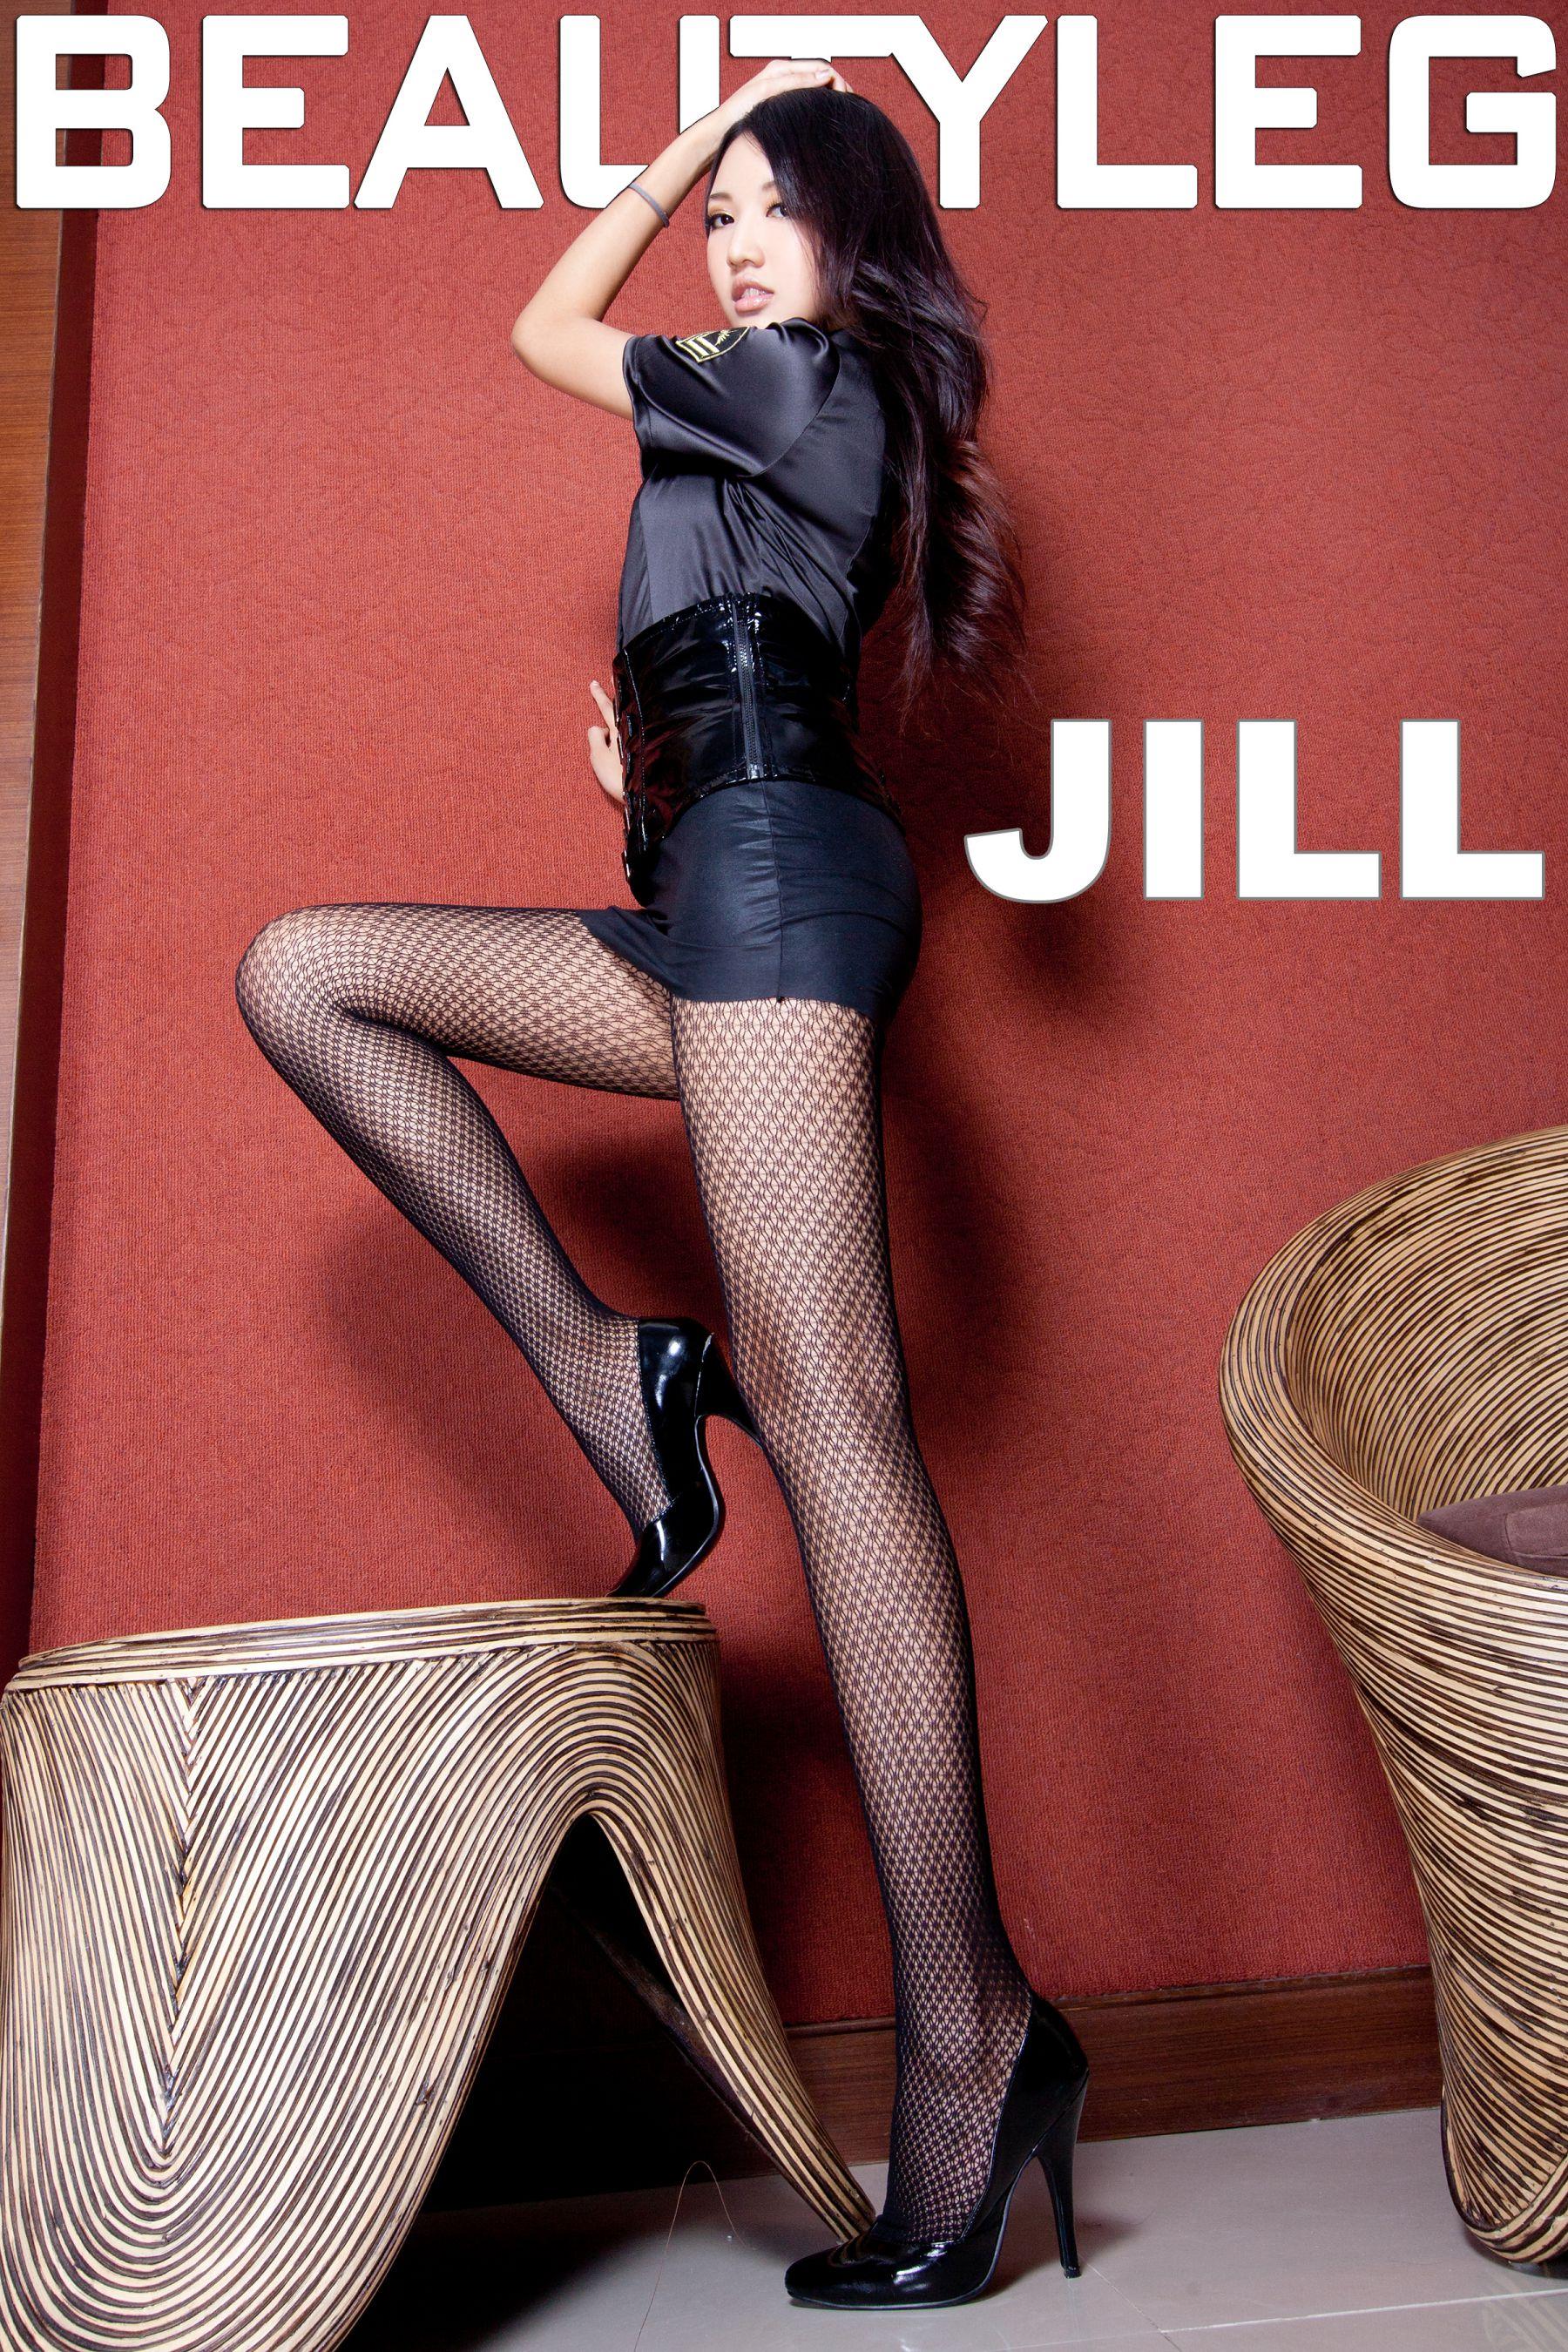 VOL.1056 [Beautyleg]制服丝袜美腿:陈玮廷(Beautyleg腿模Jill)高品质写真套图(57P)